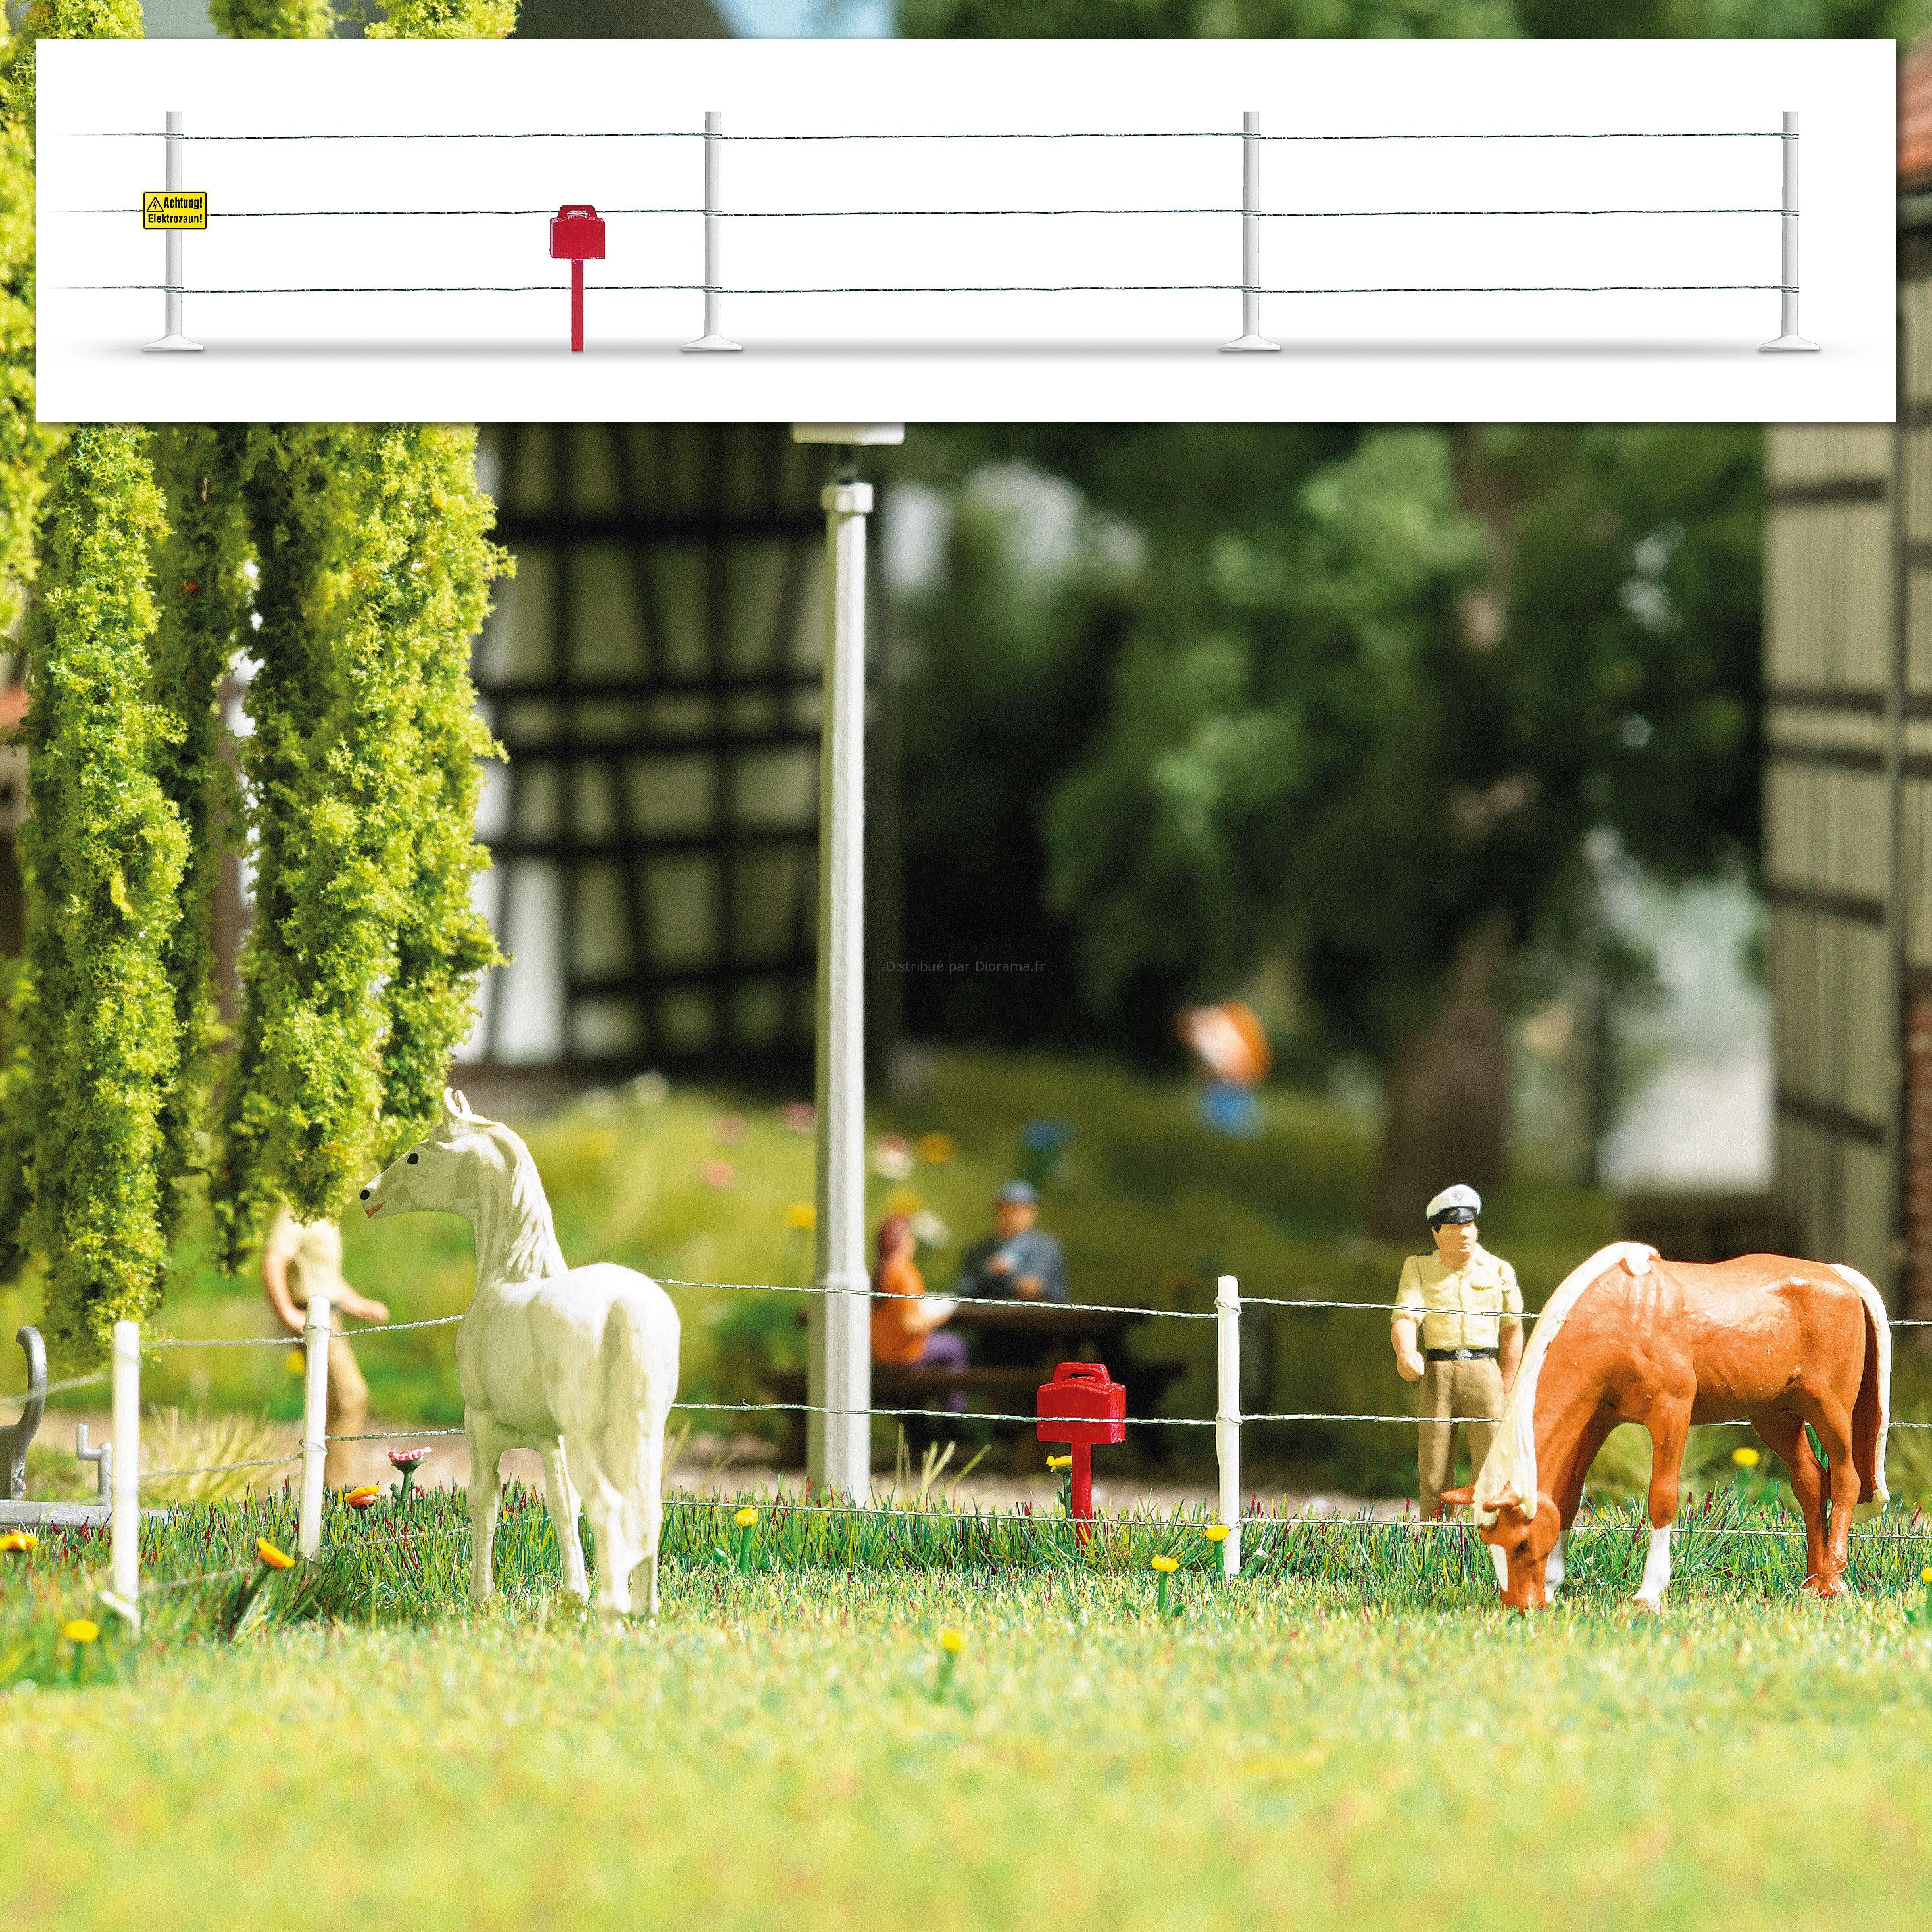 Décors miniatures : Cloture électrique - 1:87 HO ‐ Bush 01014